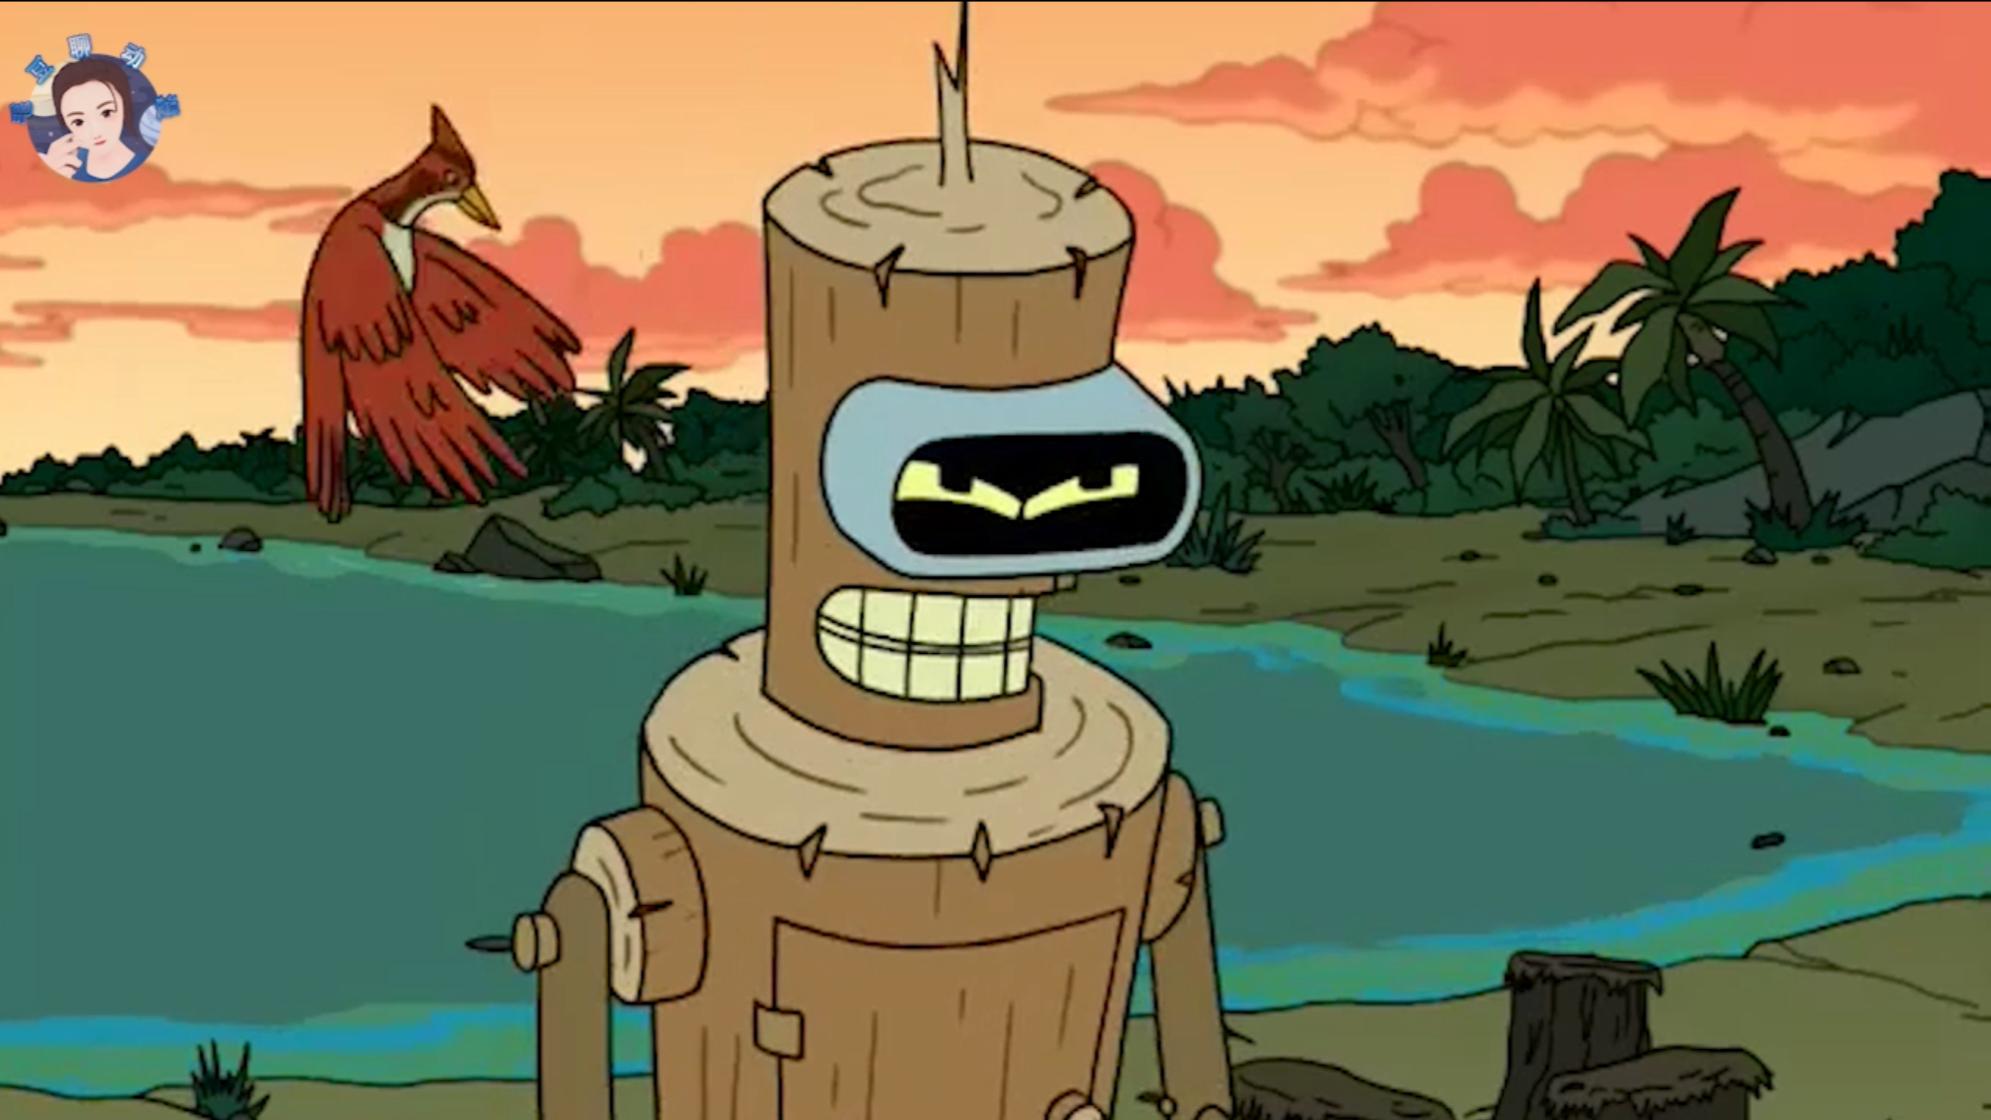 """机器人班德放弃科技,退化至""""纯手工木制品""""!《飞出个未来》"""